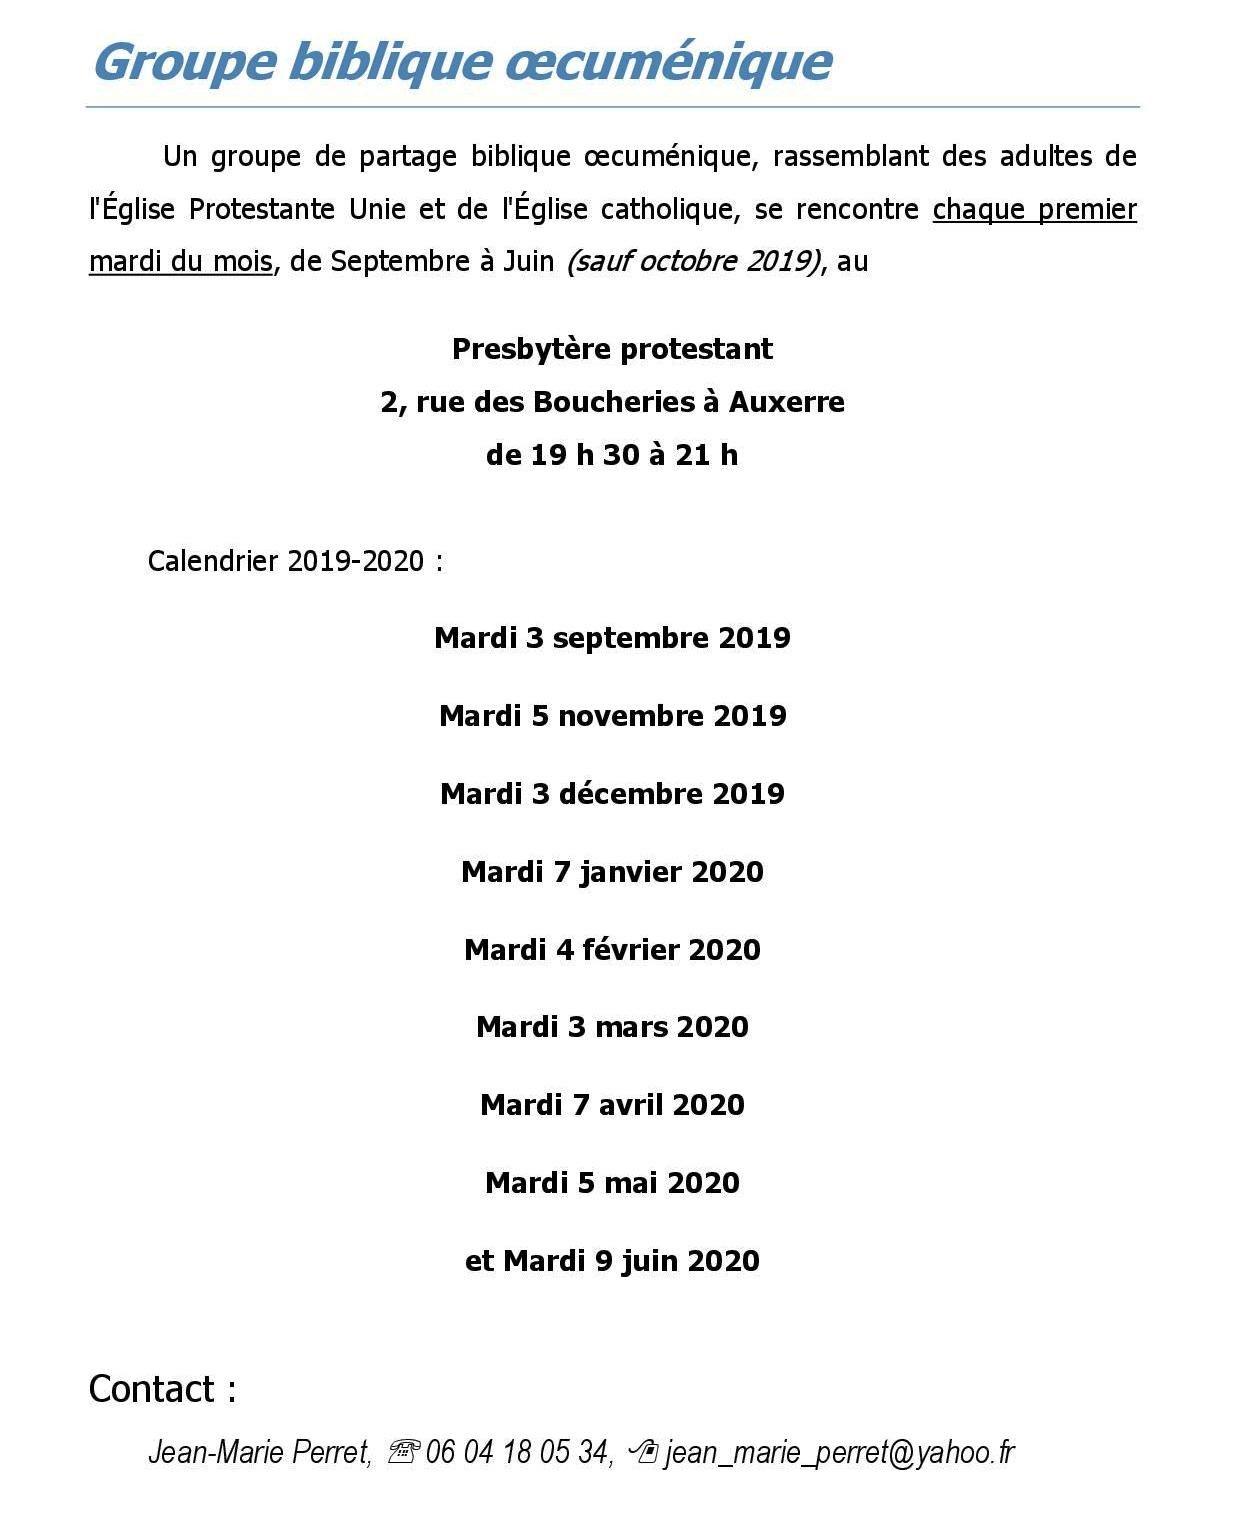 Calendrier Biblique.Groupe Biblique Oecumenique 16 Paroisse Saint Germain D